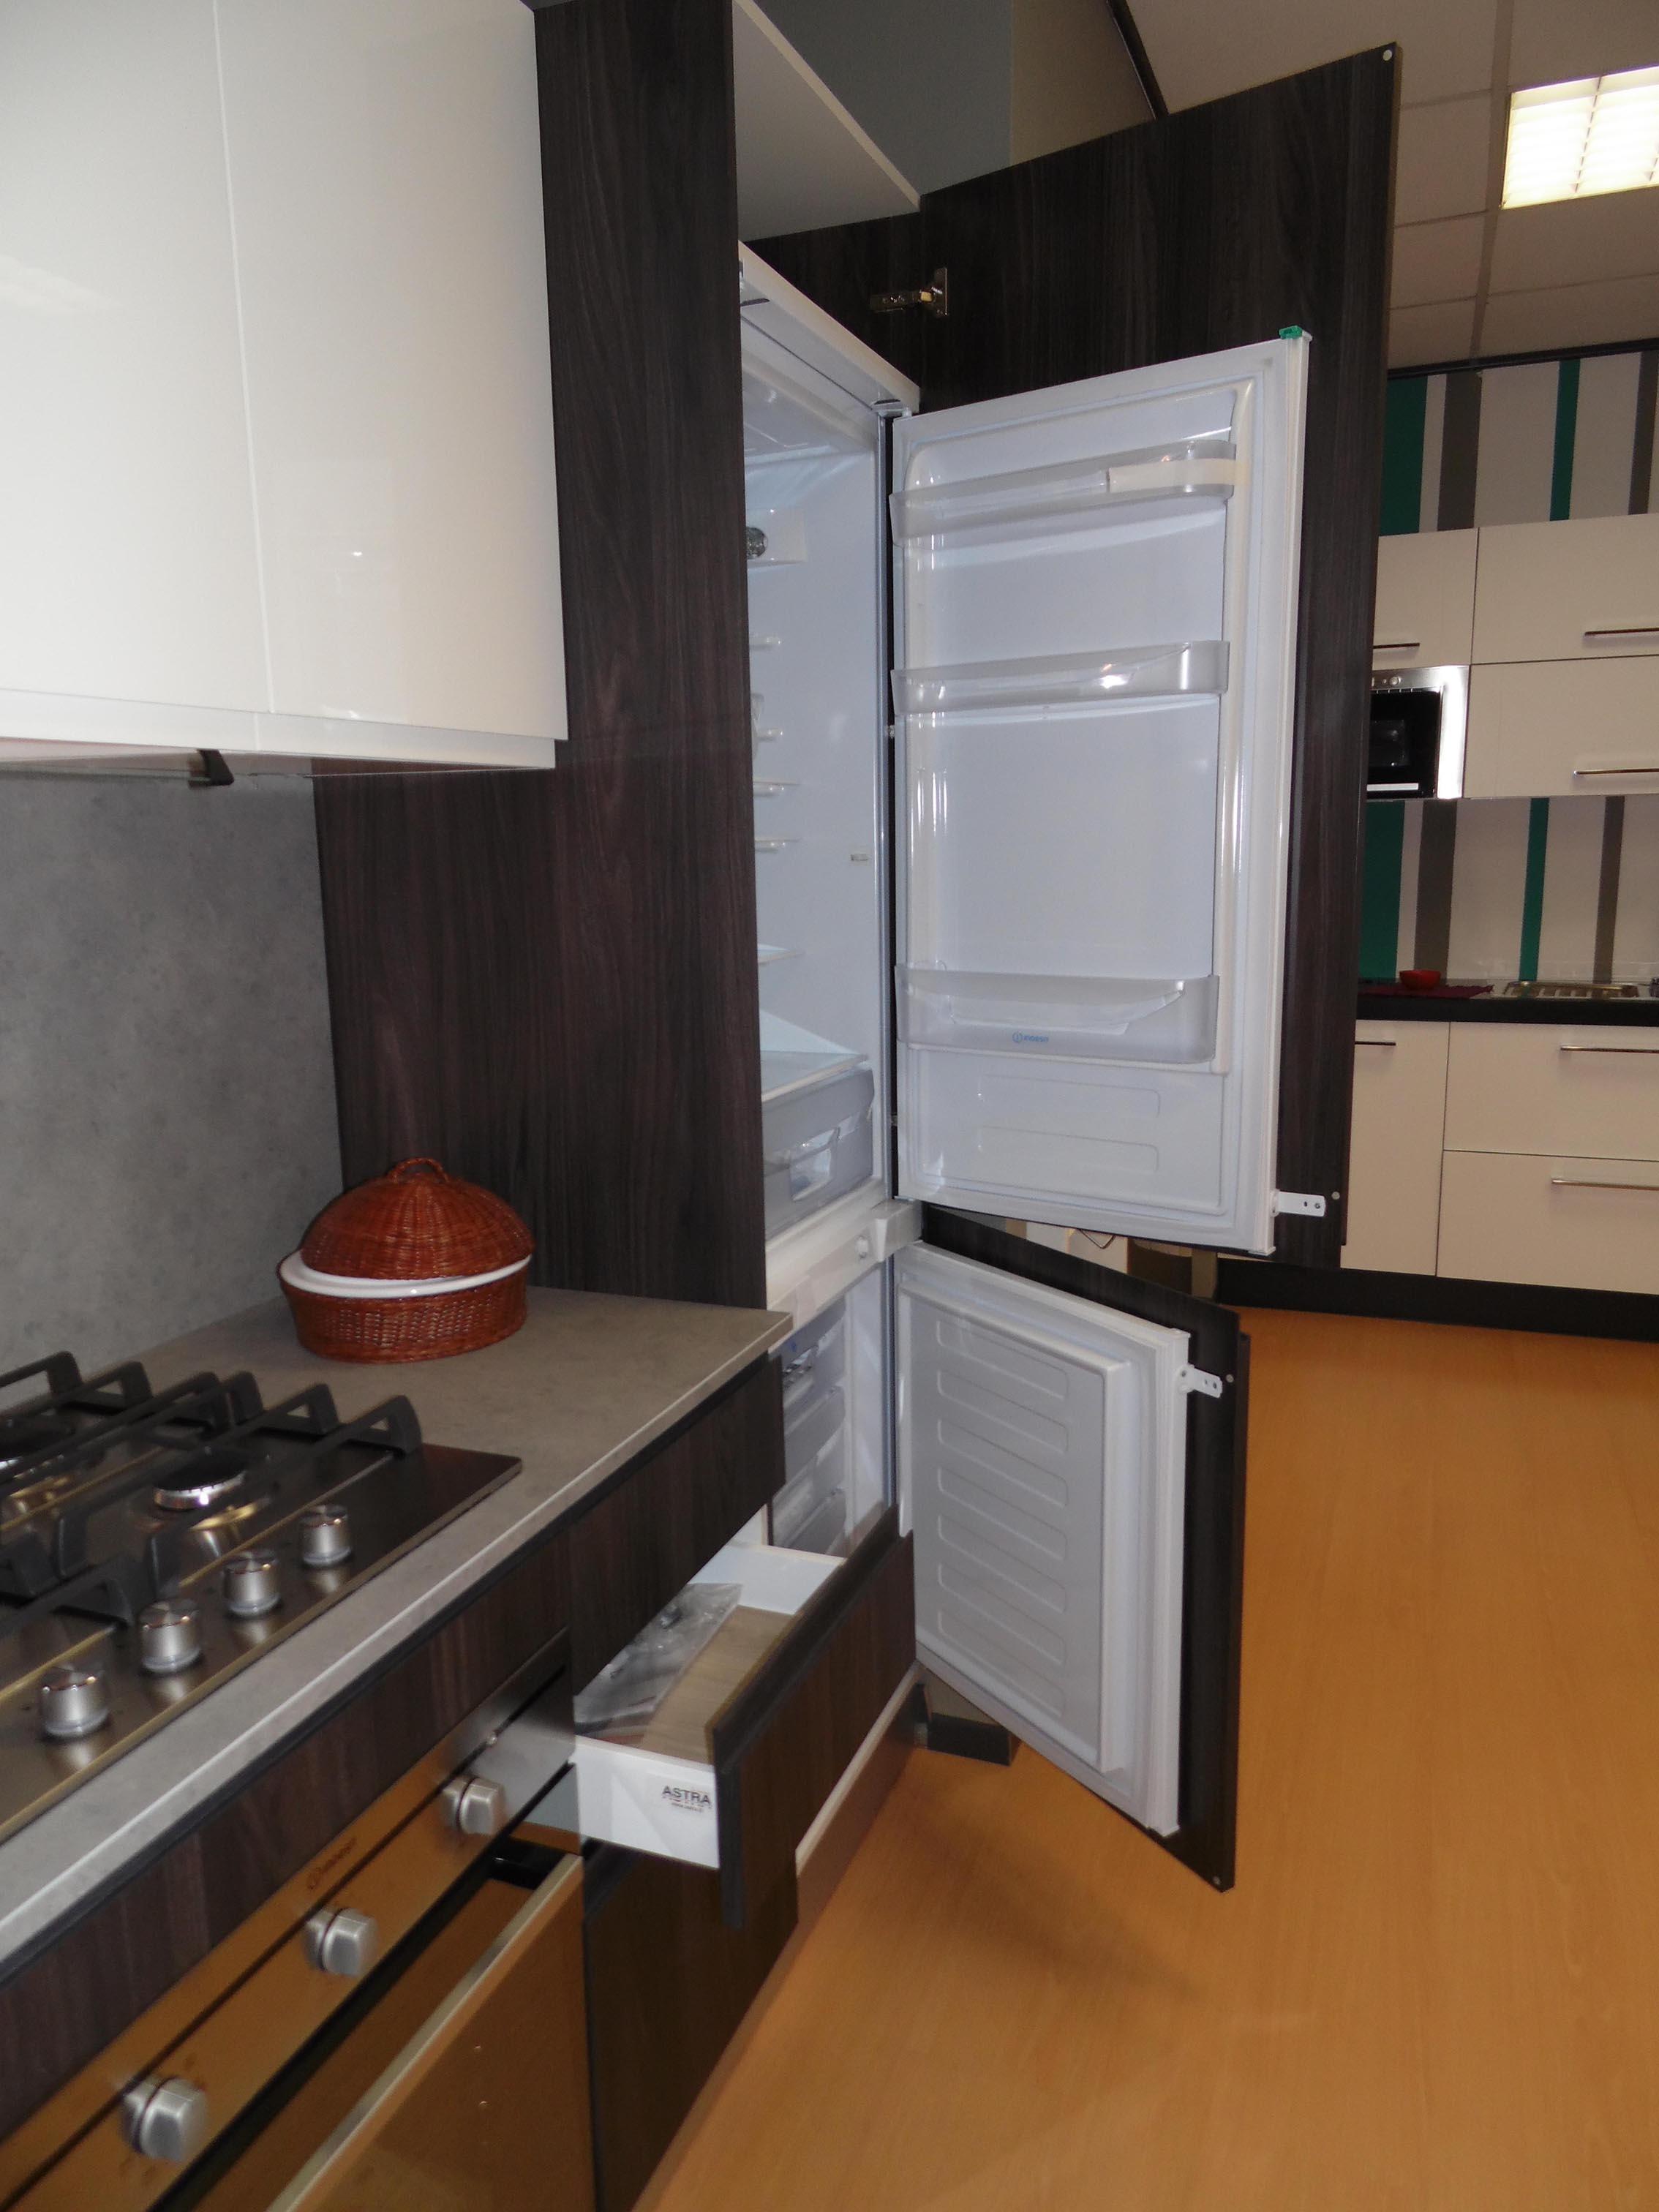 Astra cucine cucina line wood afro scontato del 65 - Cucine astra prezzi ...